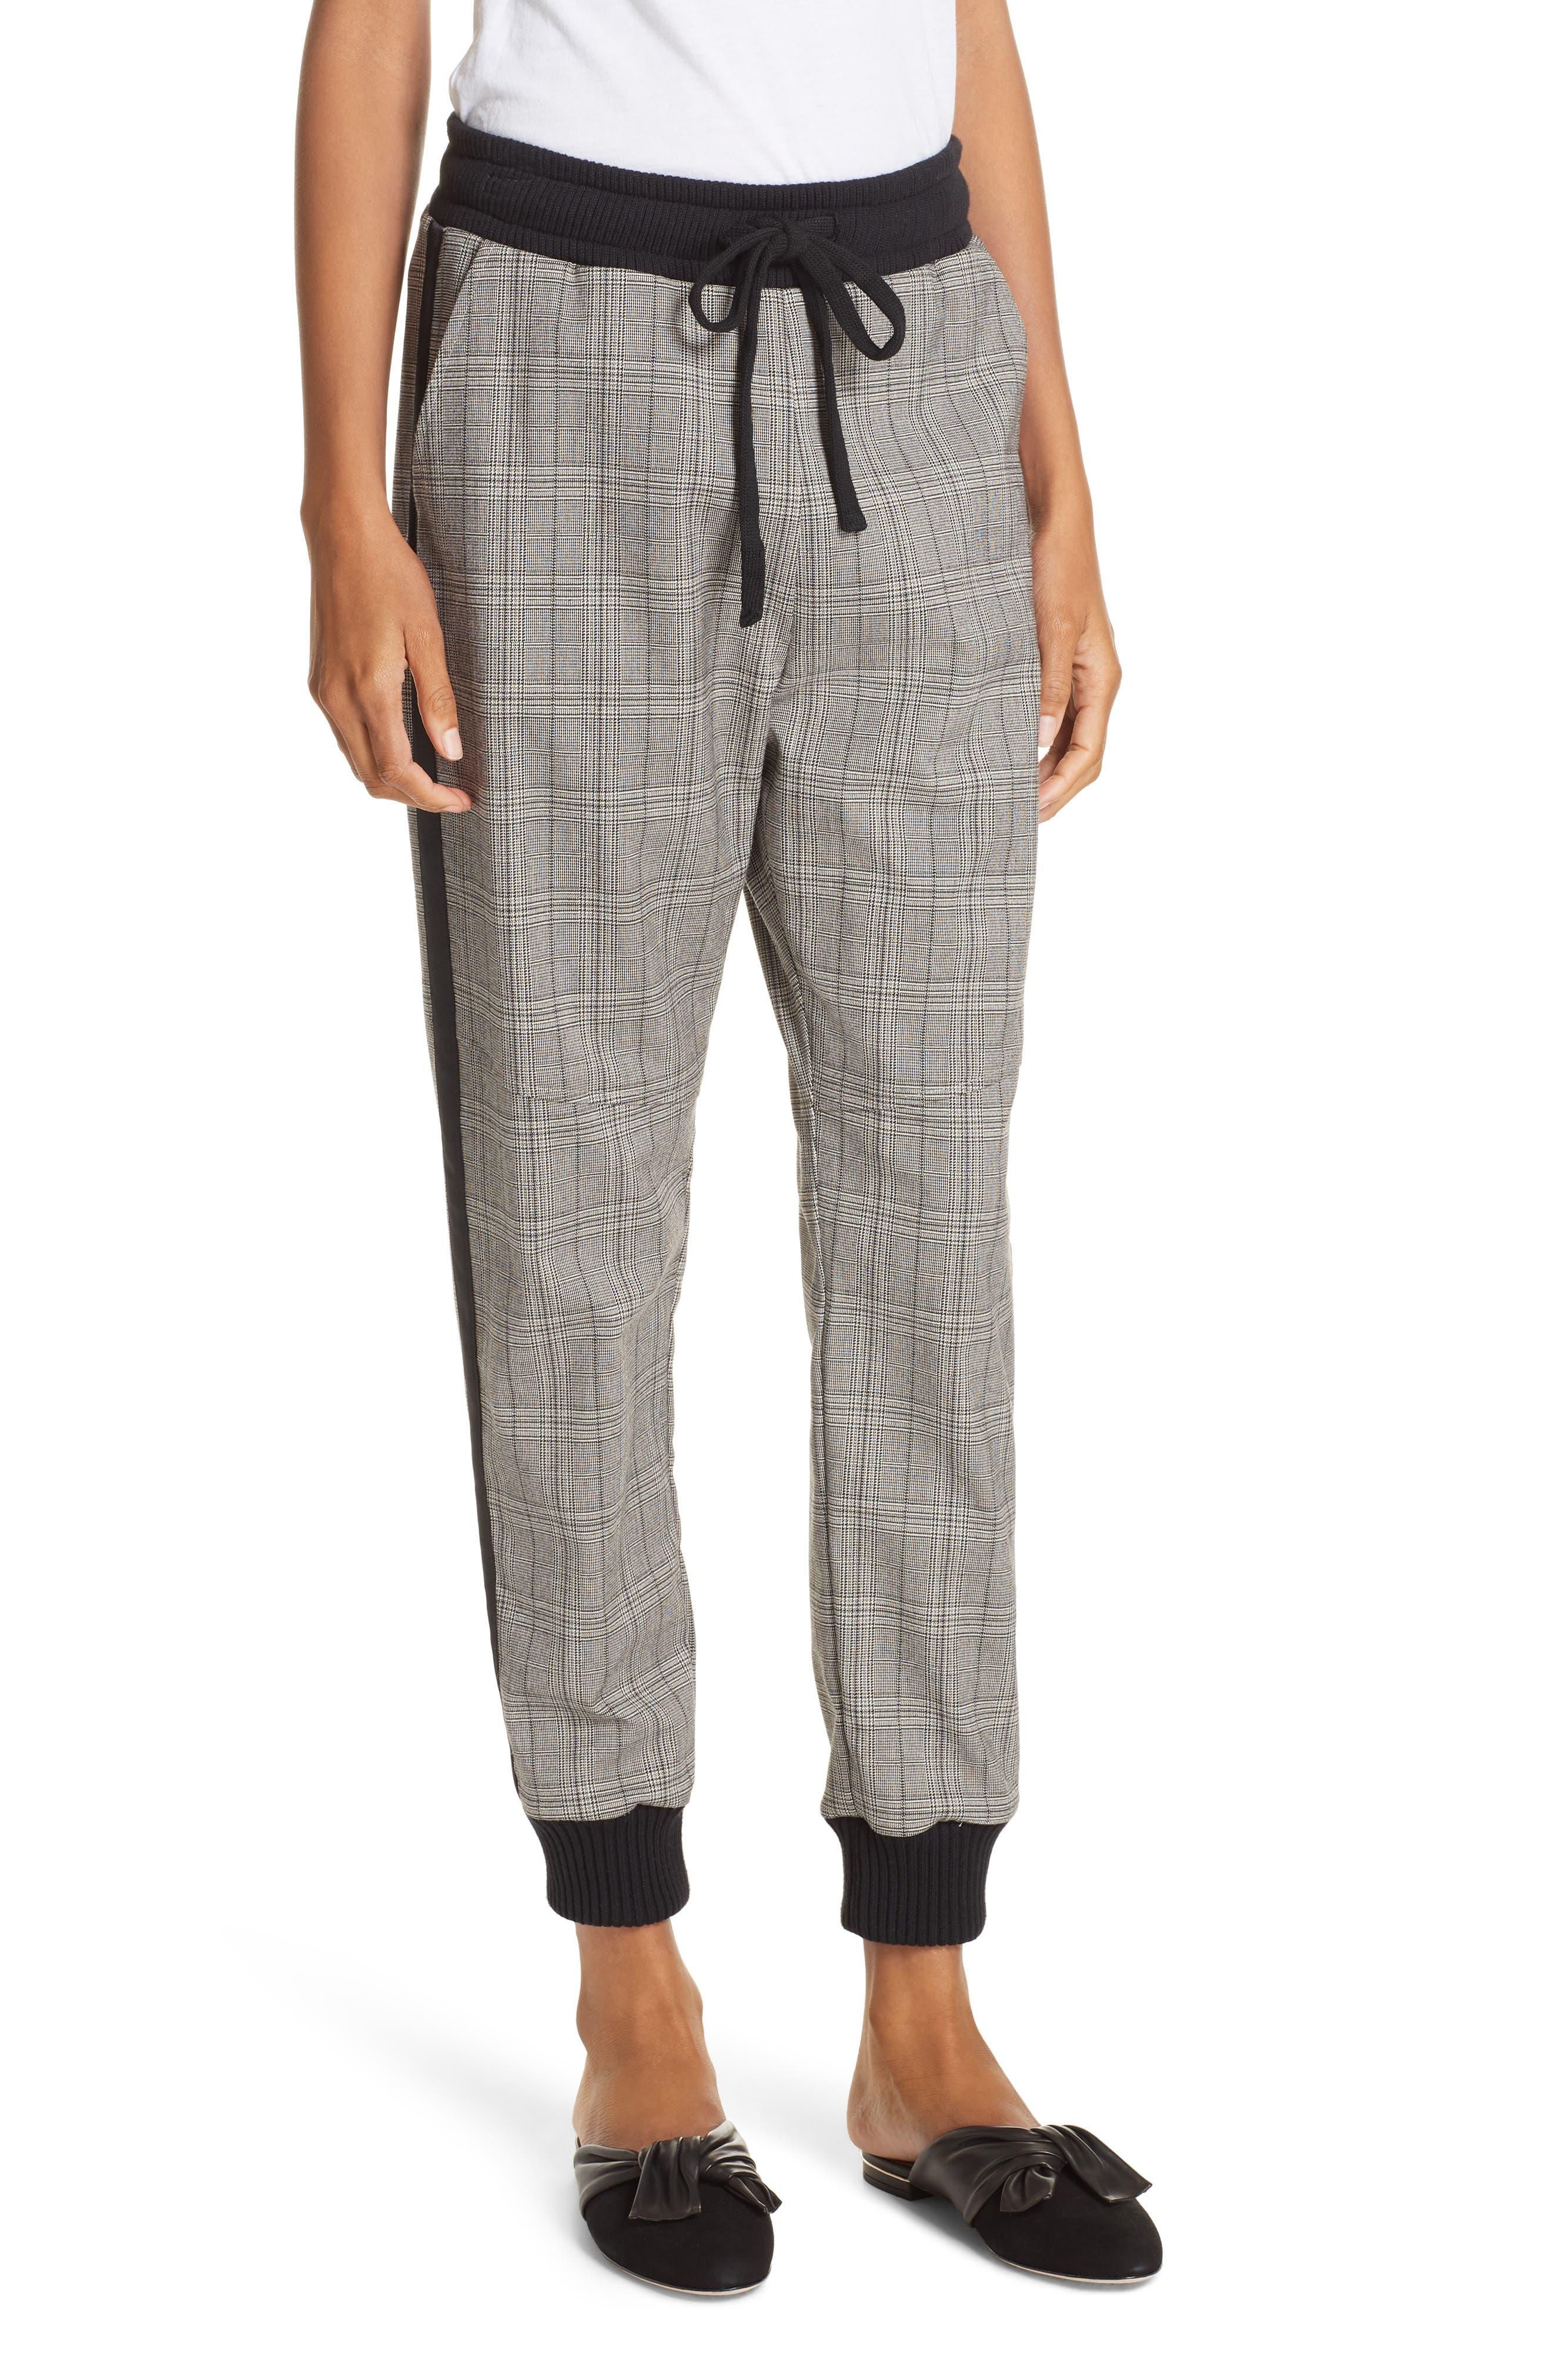 Glen Plaid Jogger Pants,                         Main,                         color, BLACK